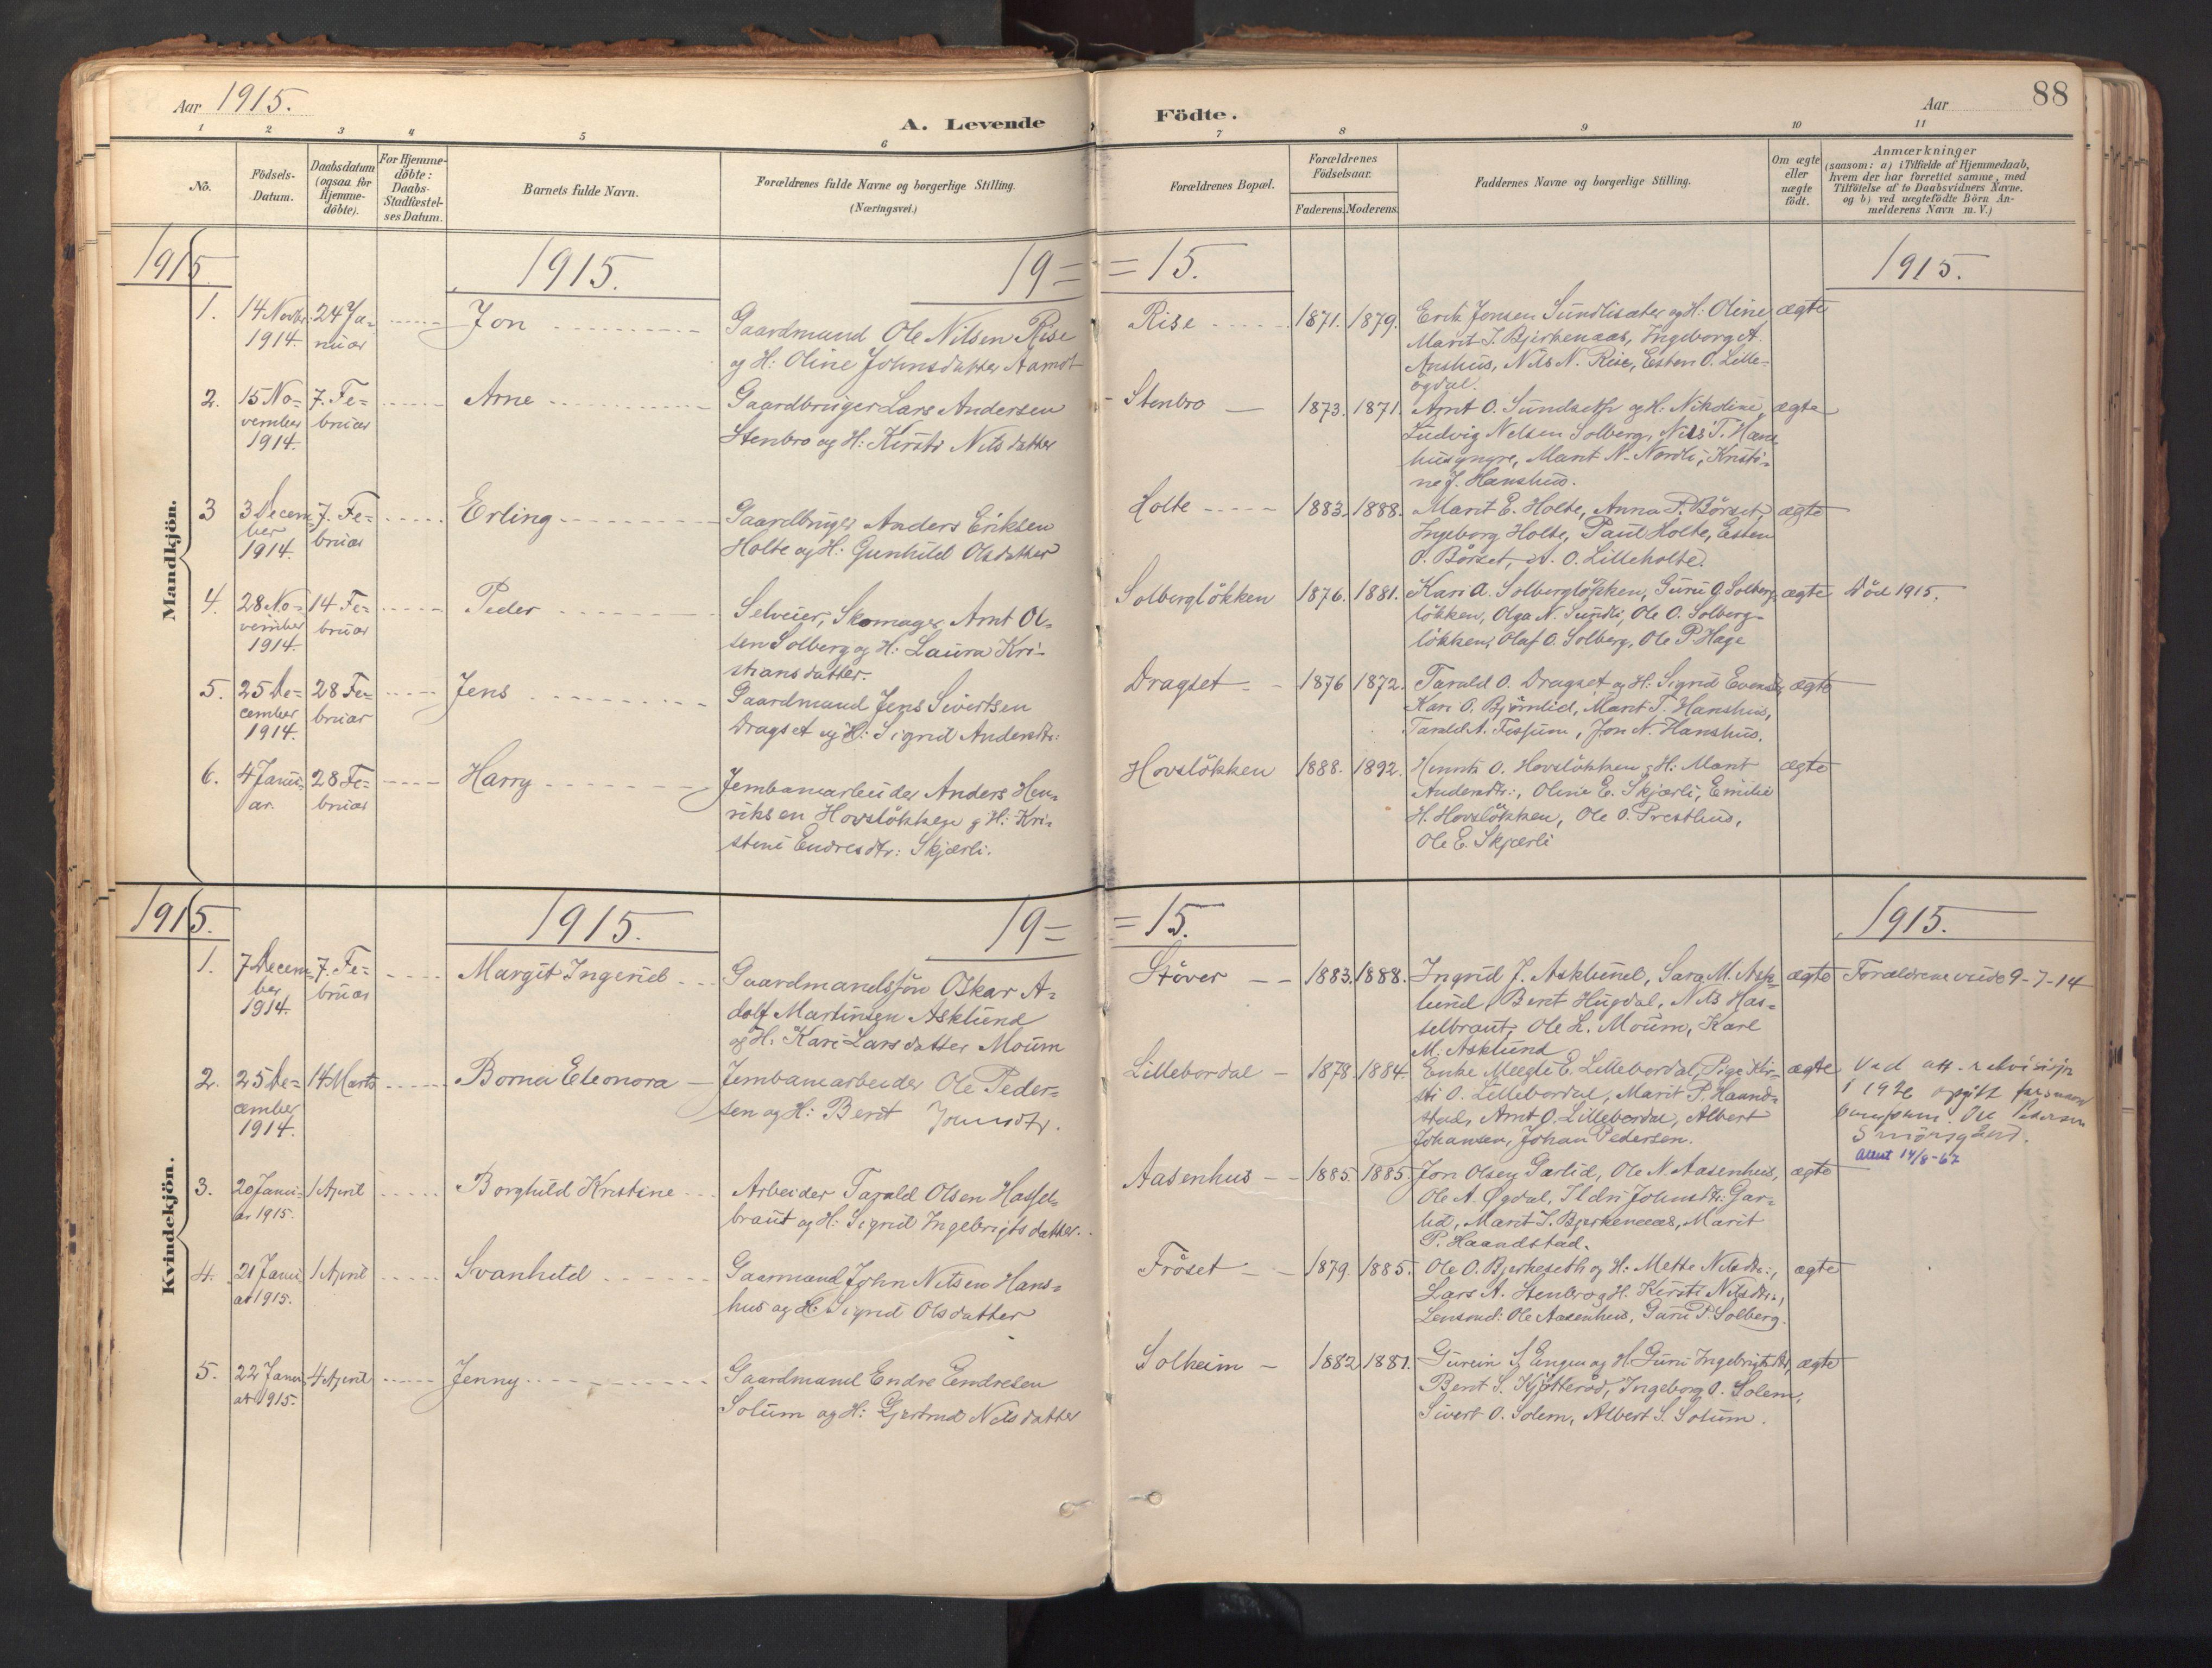 SAT, Ministerialprotokoller, klokkerbøker og fødselsregistre - Sør-Trøndelag, 689/L1041: Ministerialbok nr. 689A06, 1891-1923, s. 88